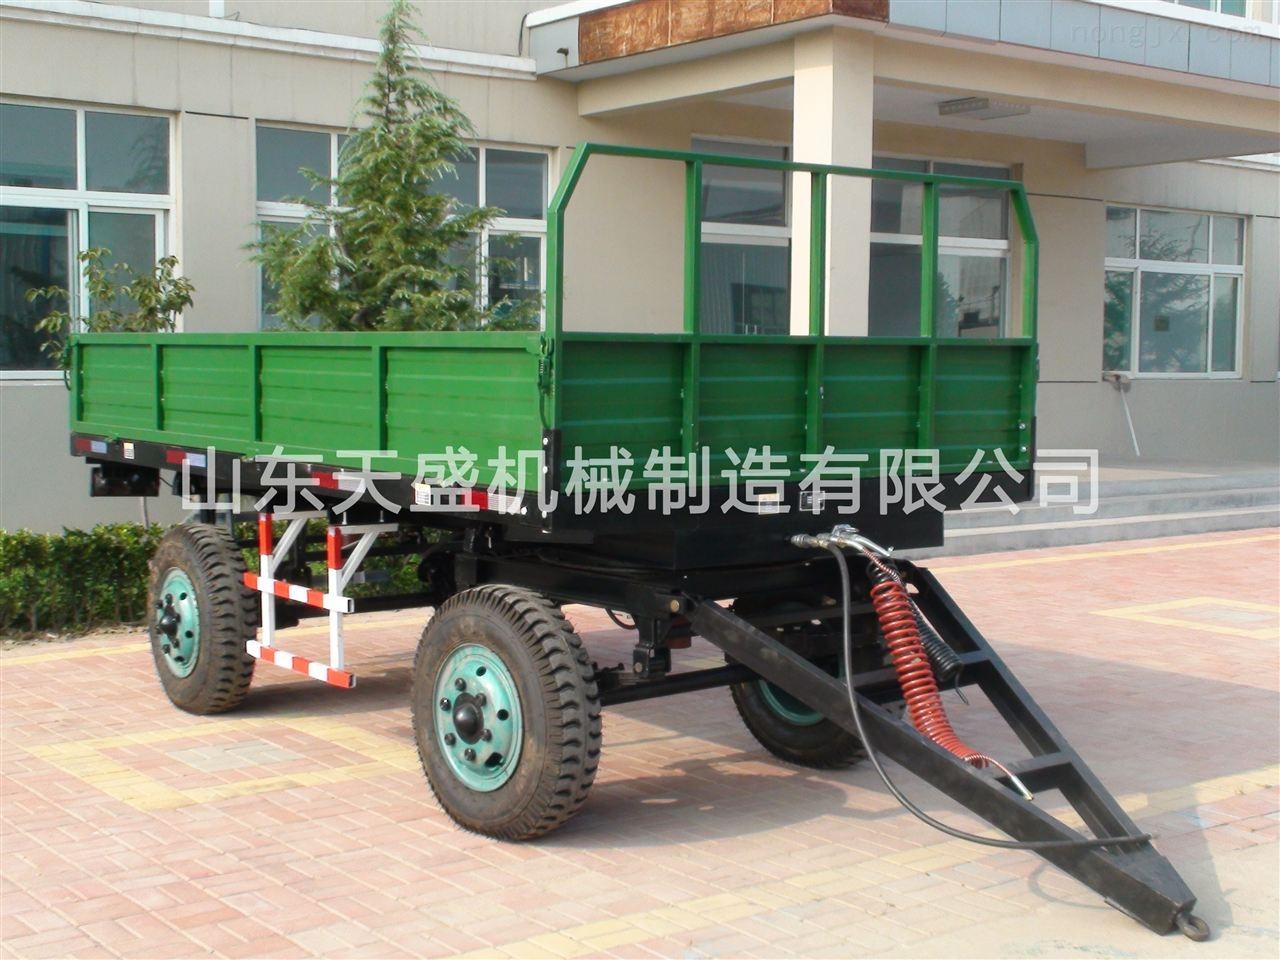 自卸拖車,四輪農用拖車,農用機械,運輸設備,拖車